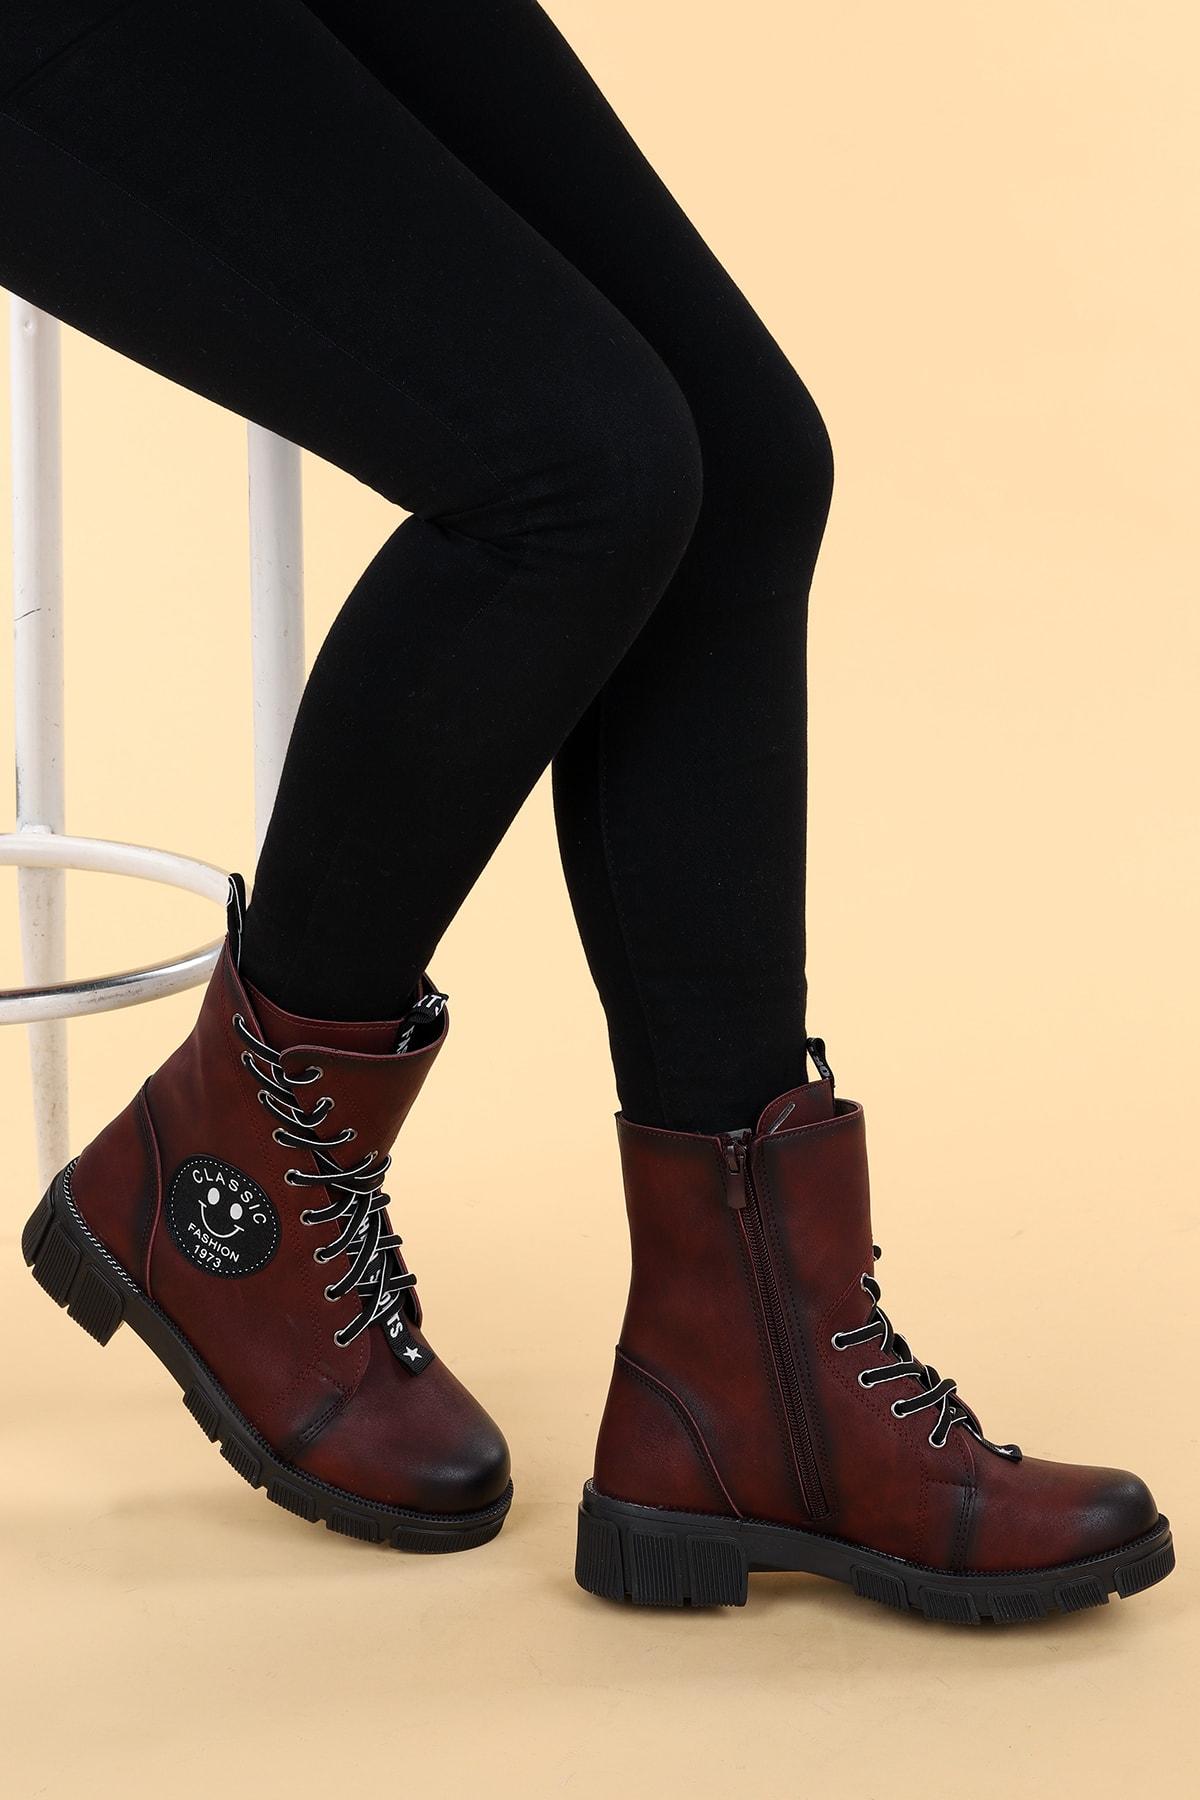 Ayakland Kadın Bordo Cilt Termo Taban Fermuarlı Bot Ayakkabı 2